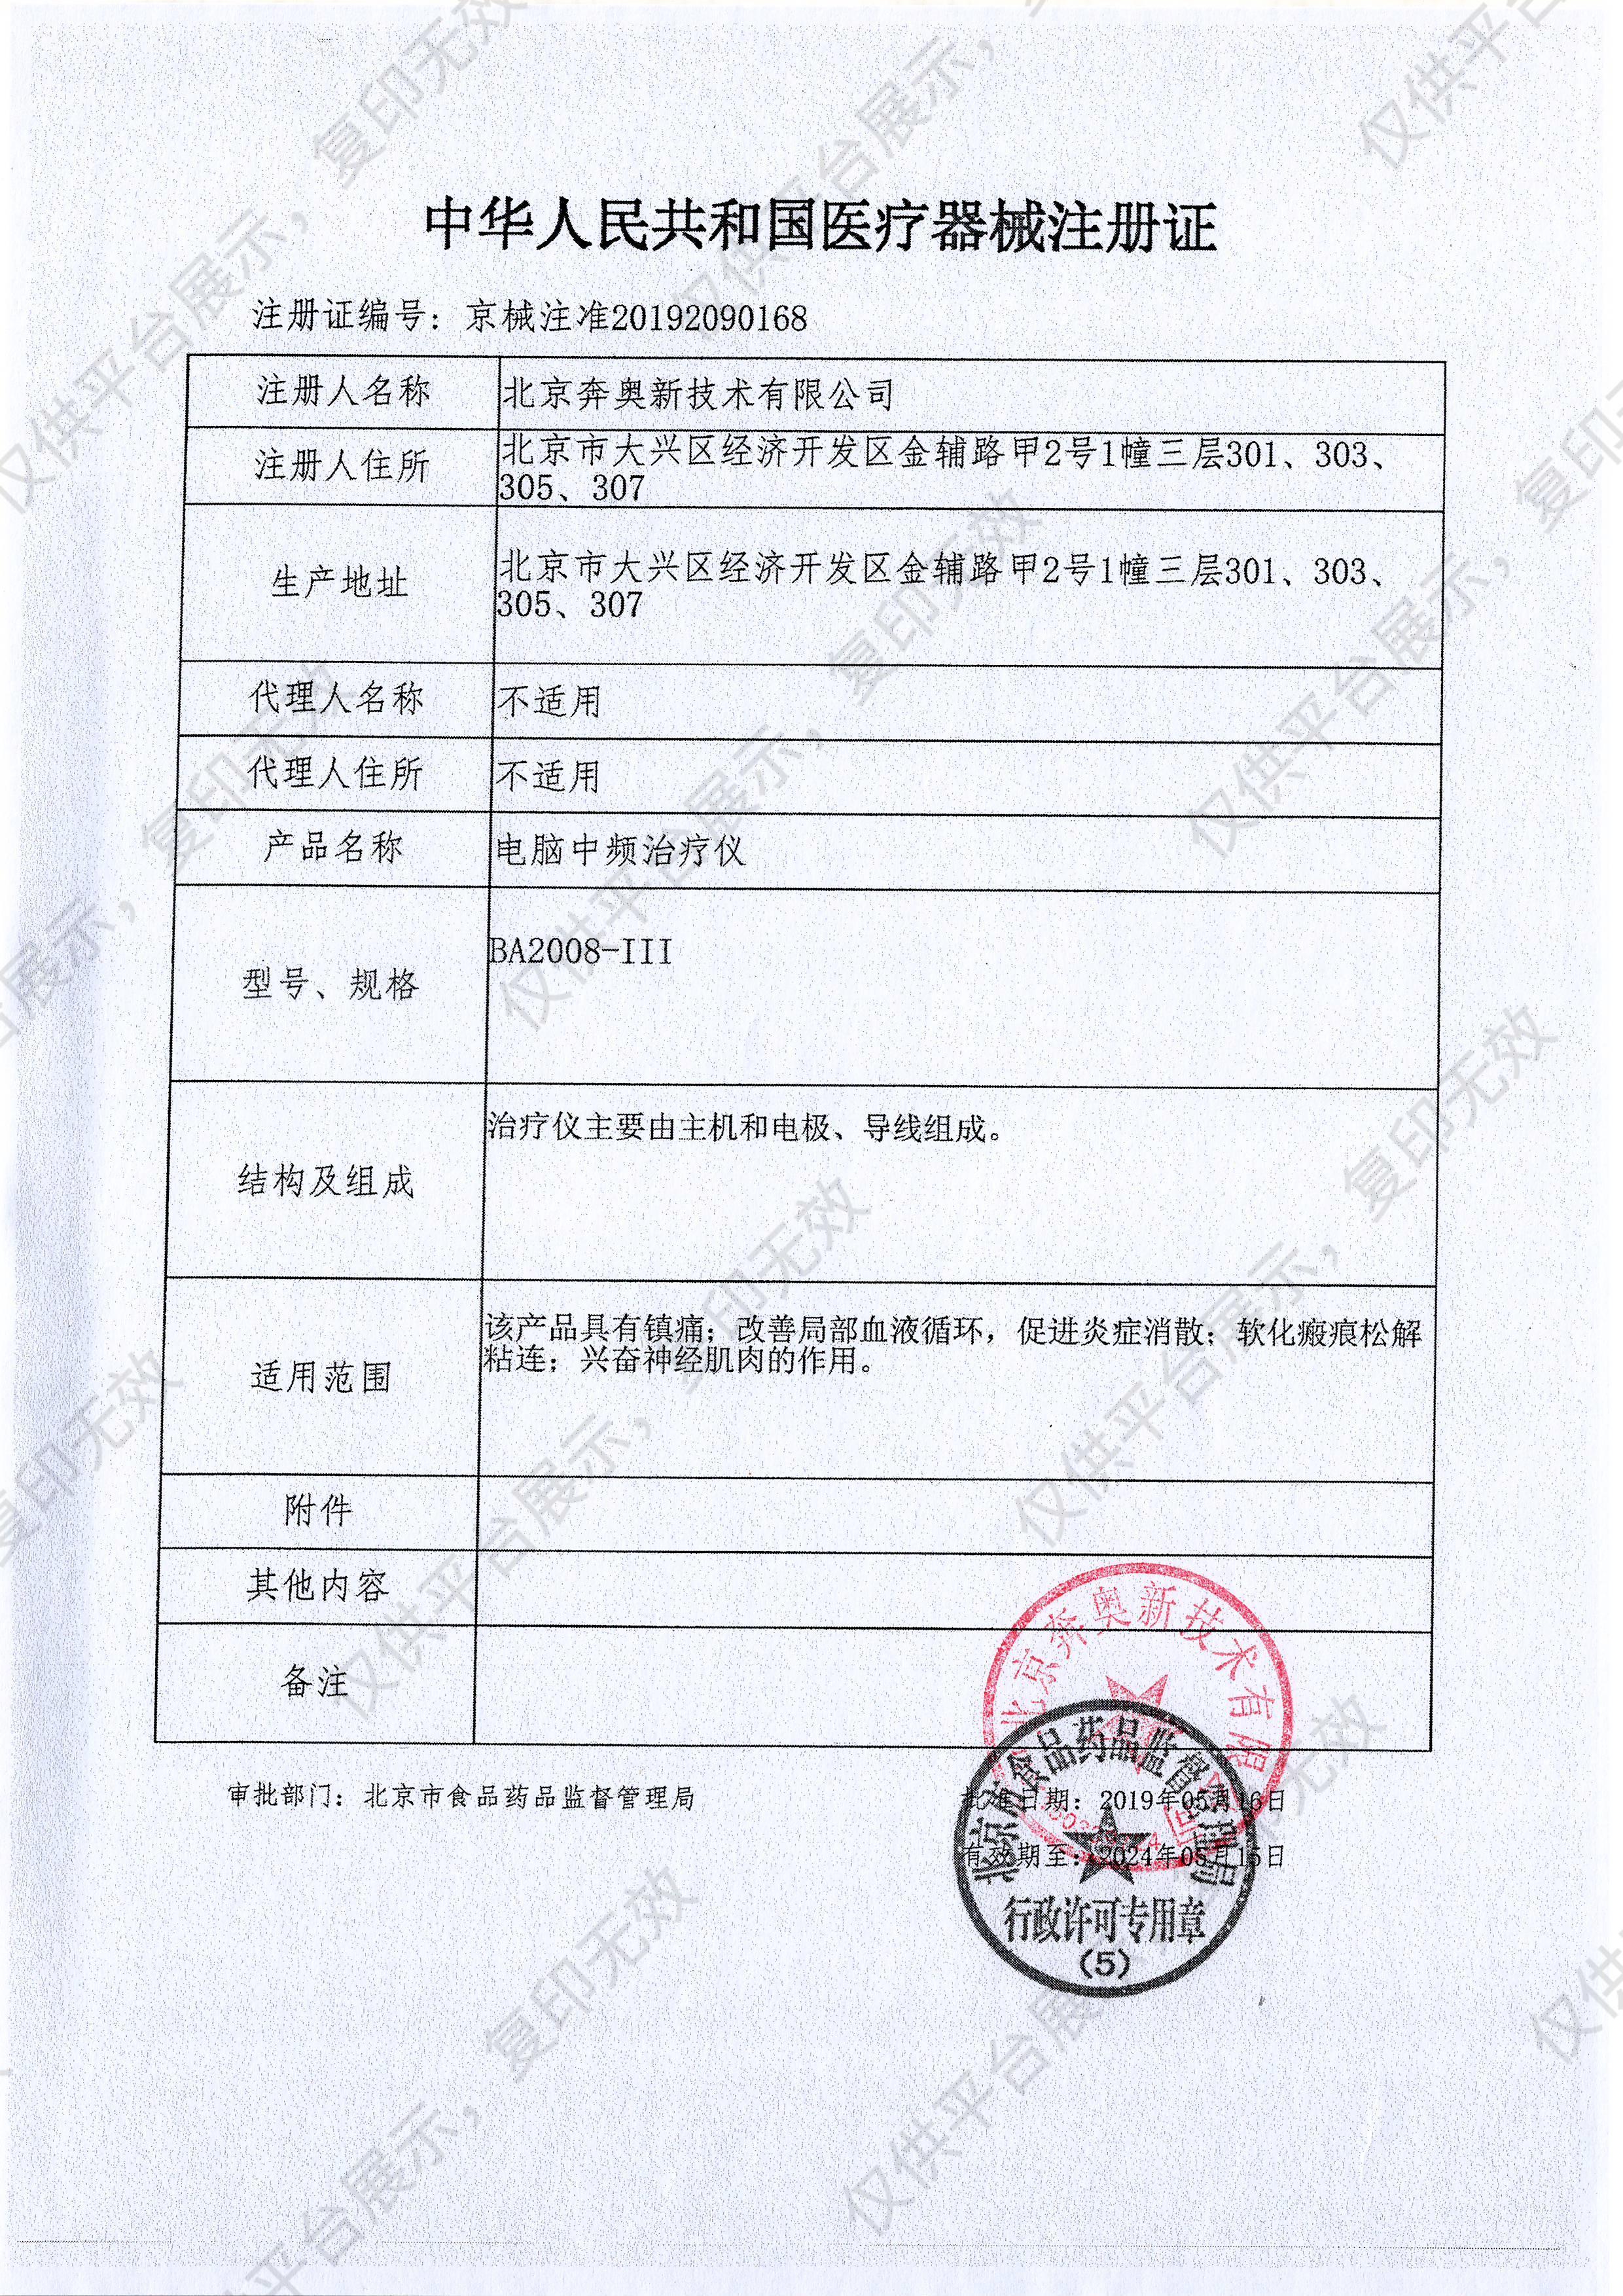 奔奥Benao 电脑中频治疗仪 BA2008-III注册证